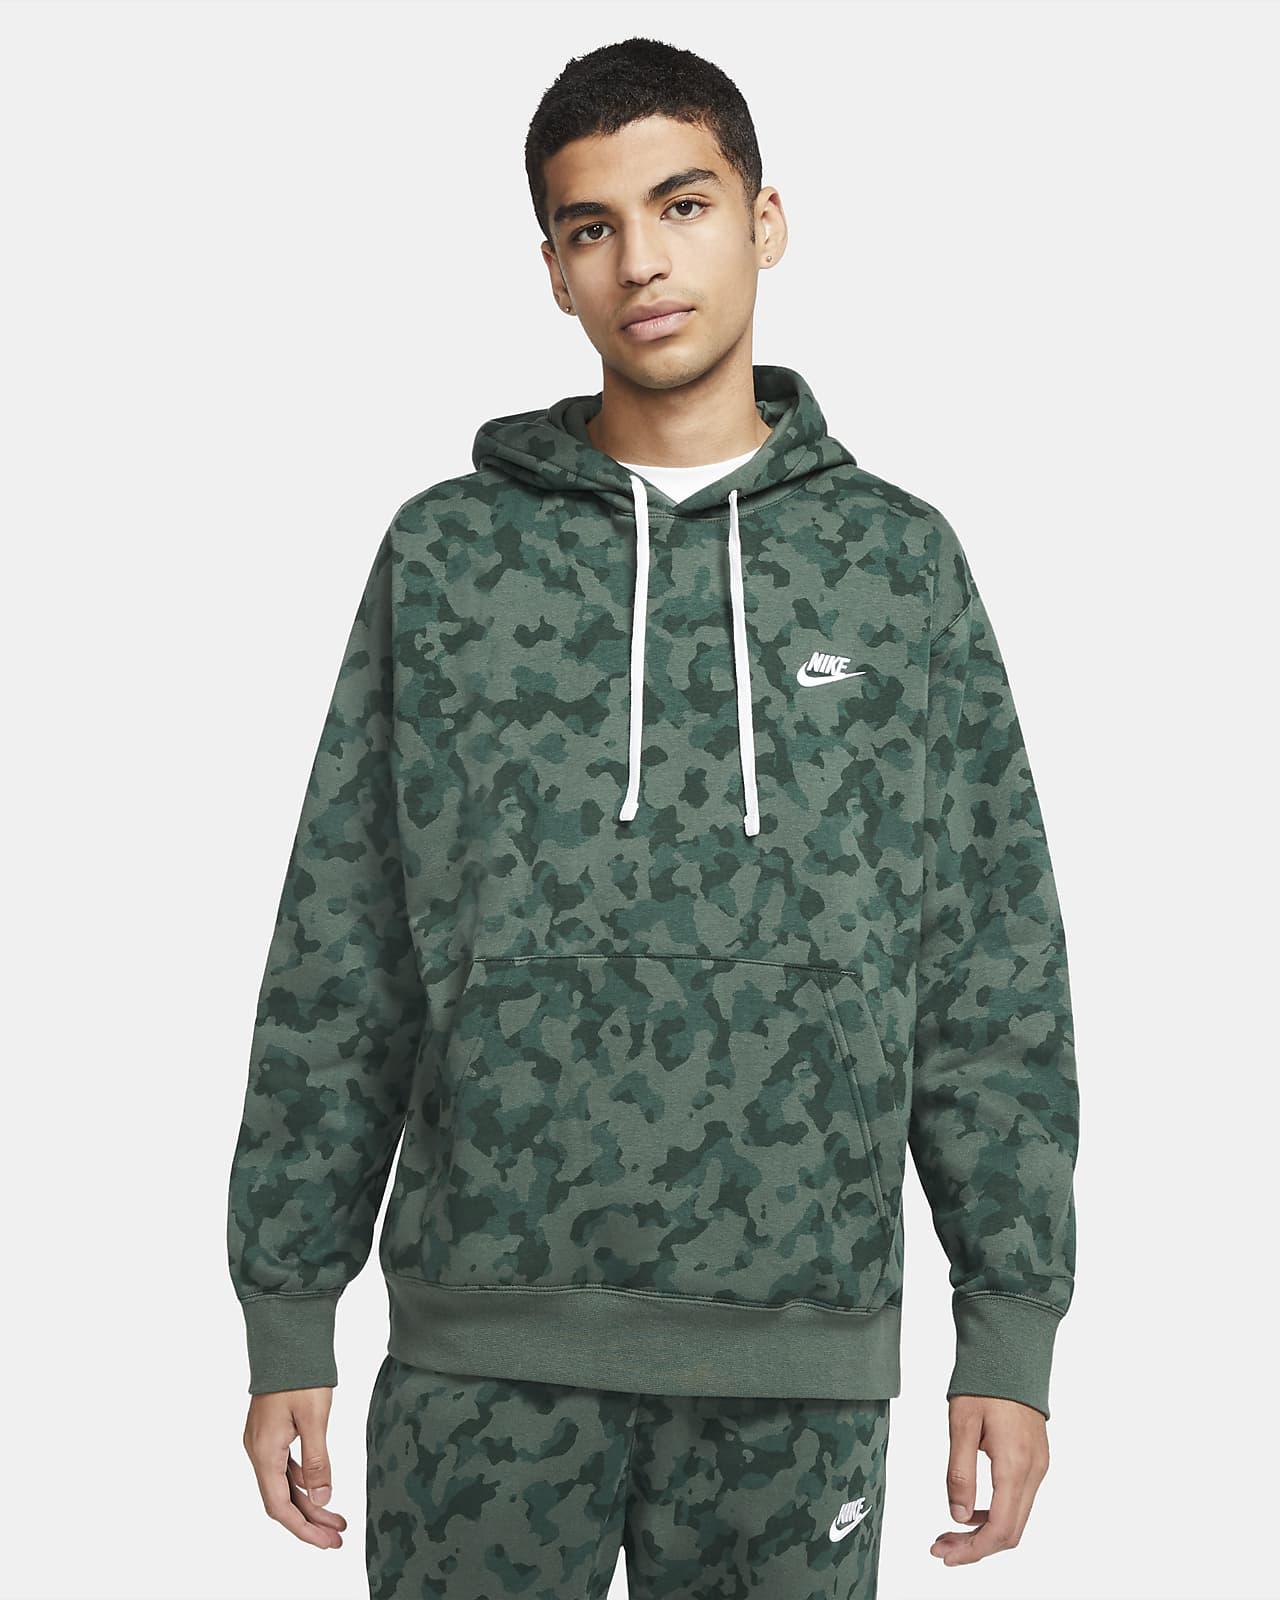 Felpa con cappuccio Nike Sportswear Club - Uomo